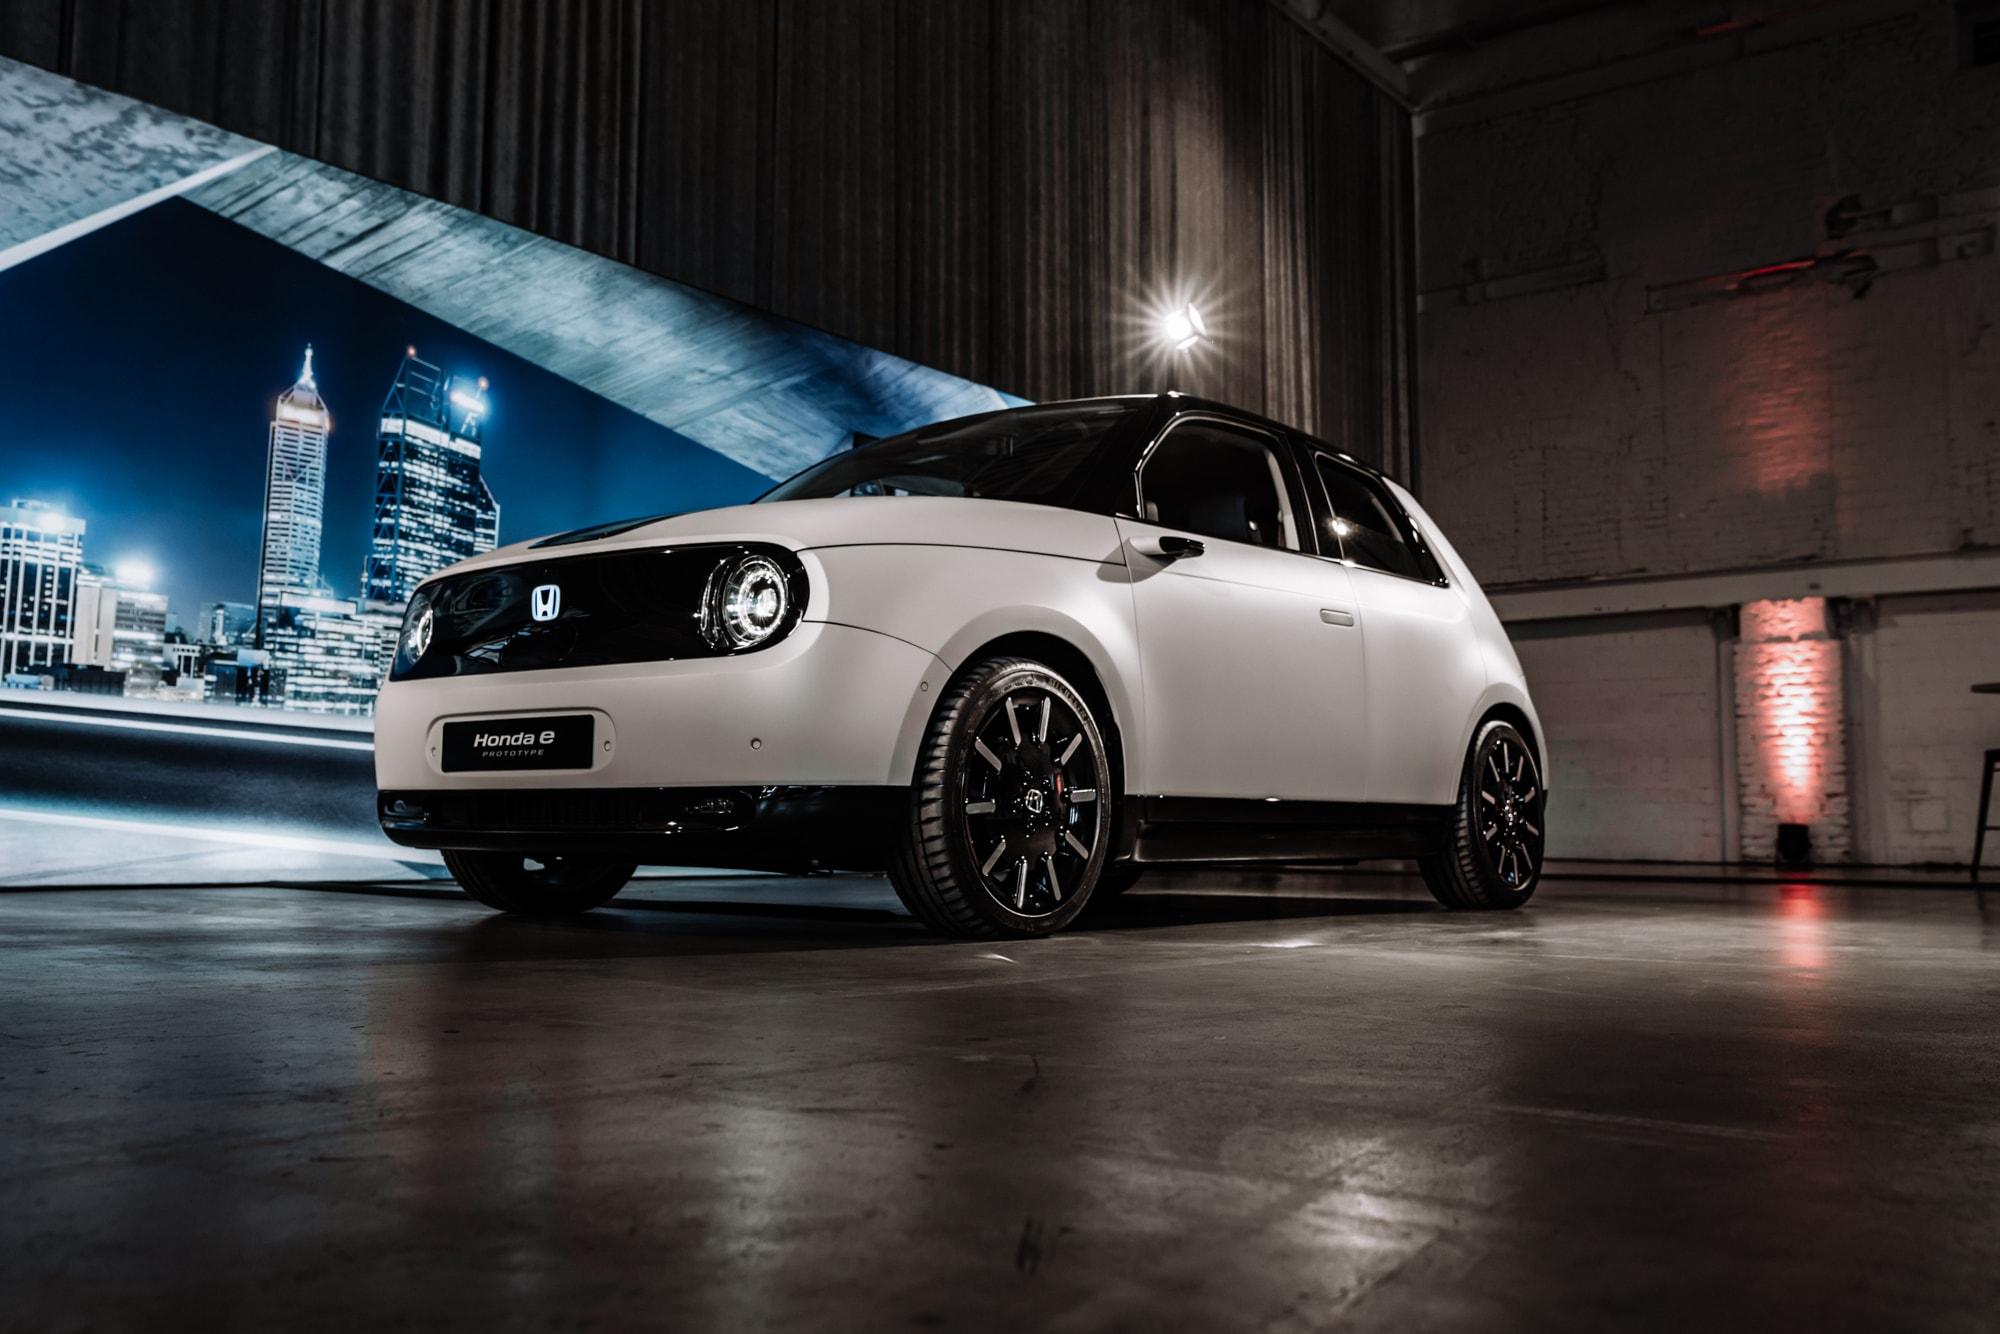 Elektro trifft auf Retro: Der neue Honda E 5